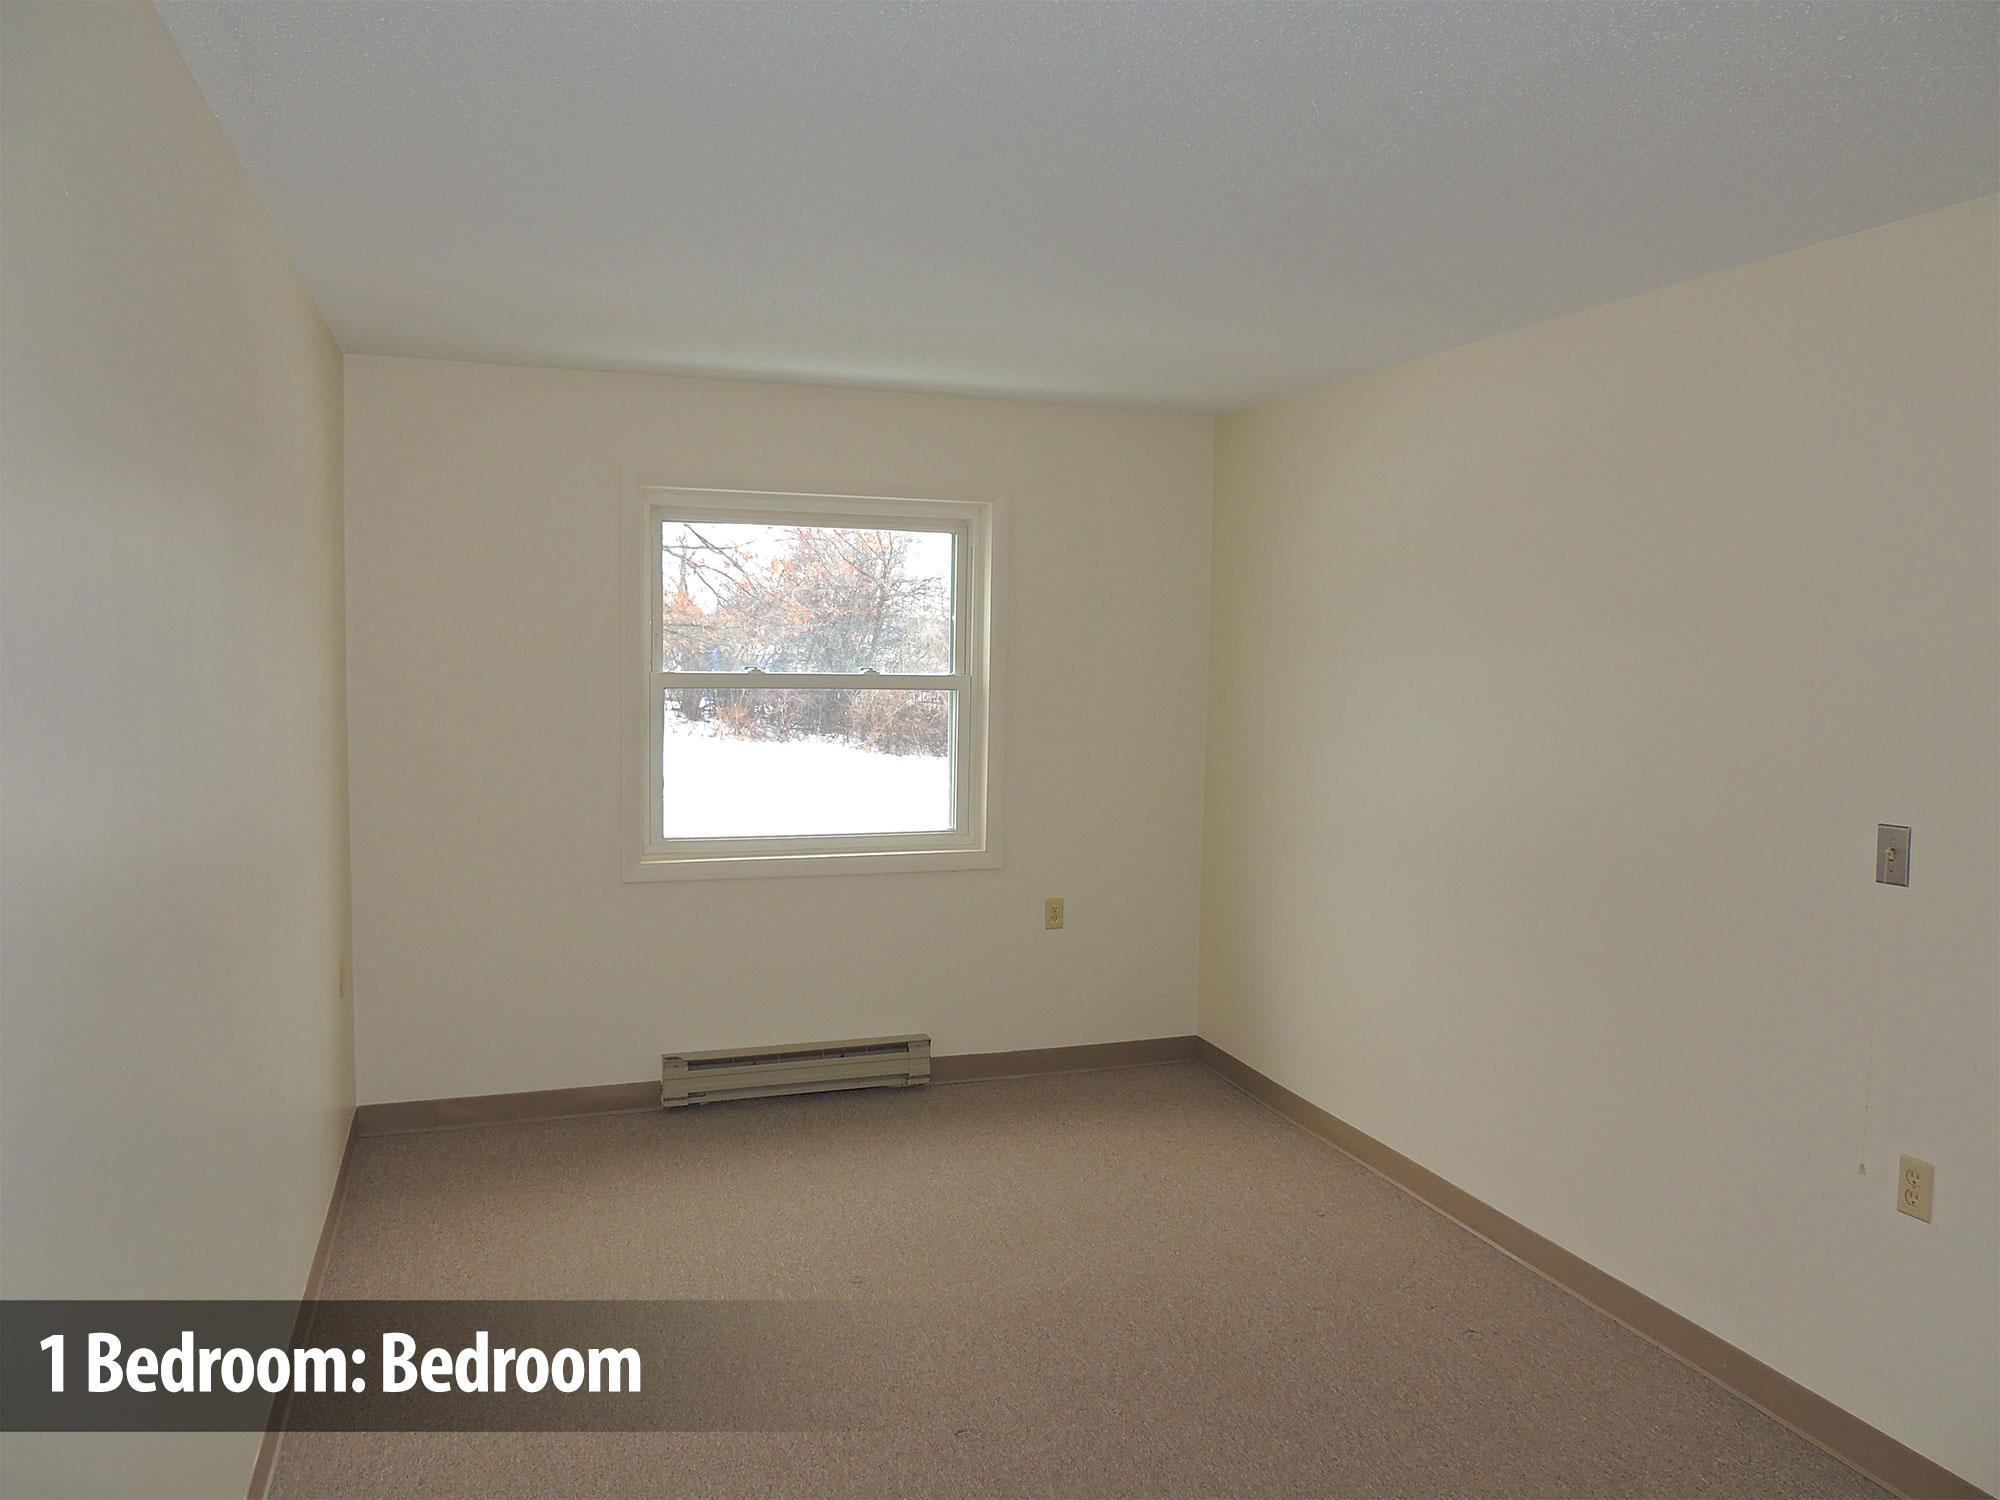 1bedroom-bedroom1